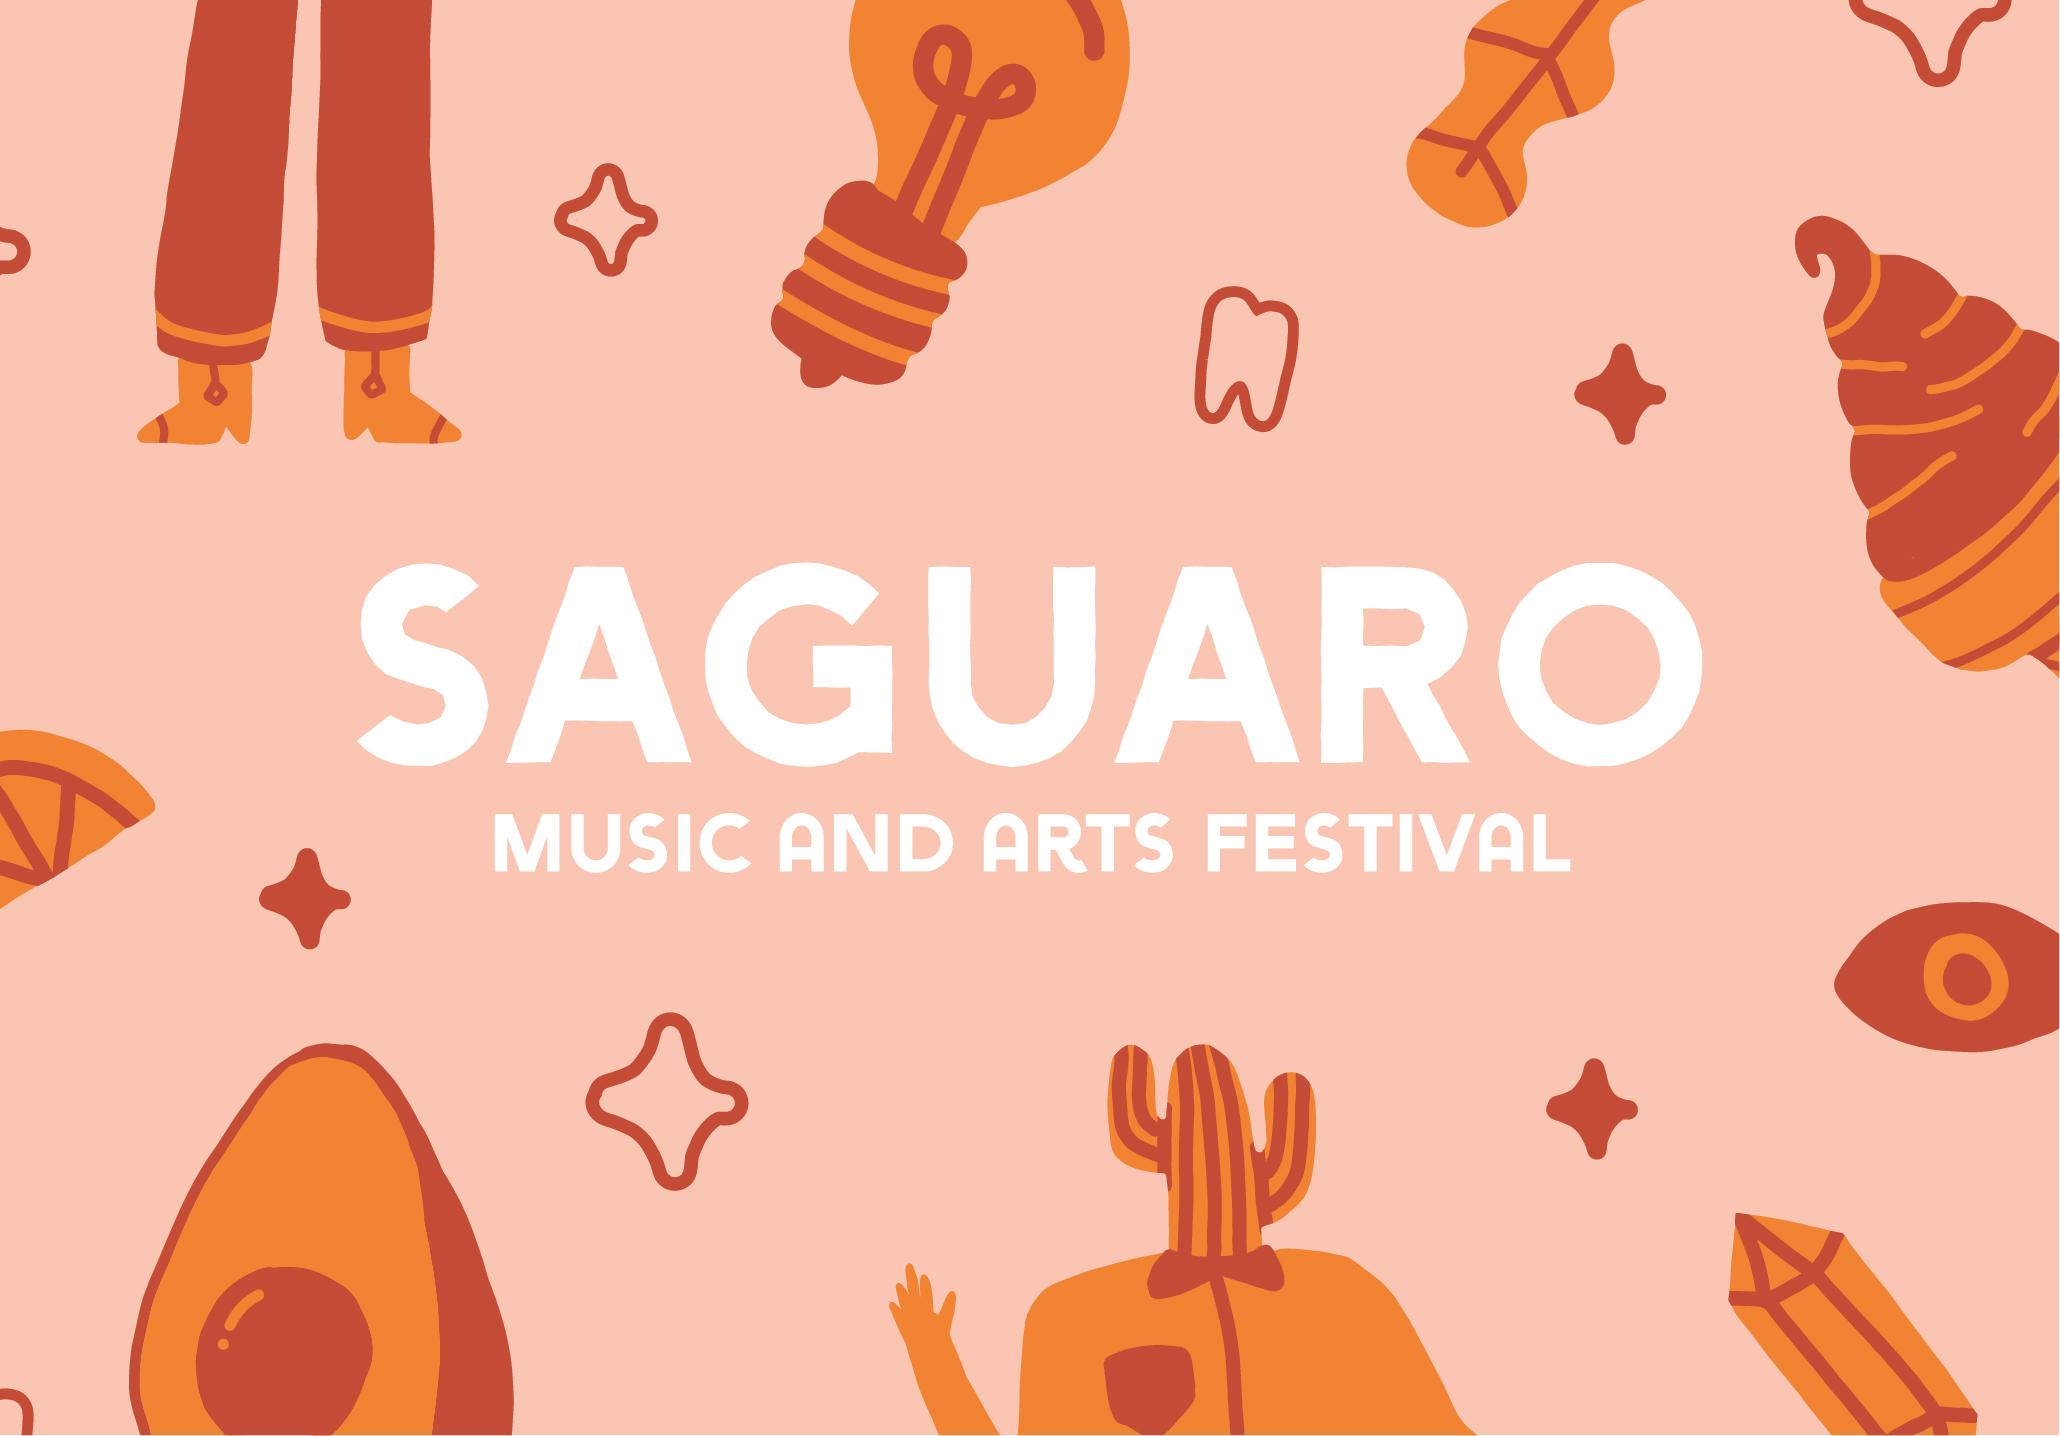 saguaroooo-01.jpg